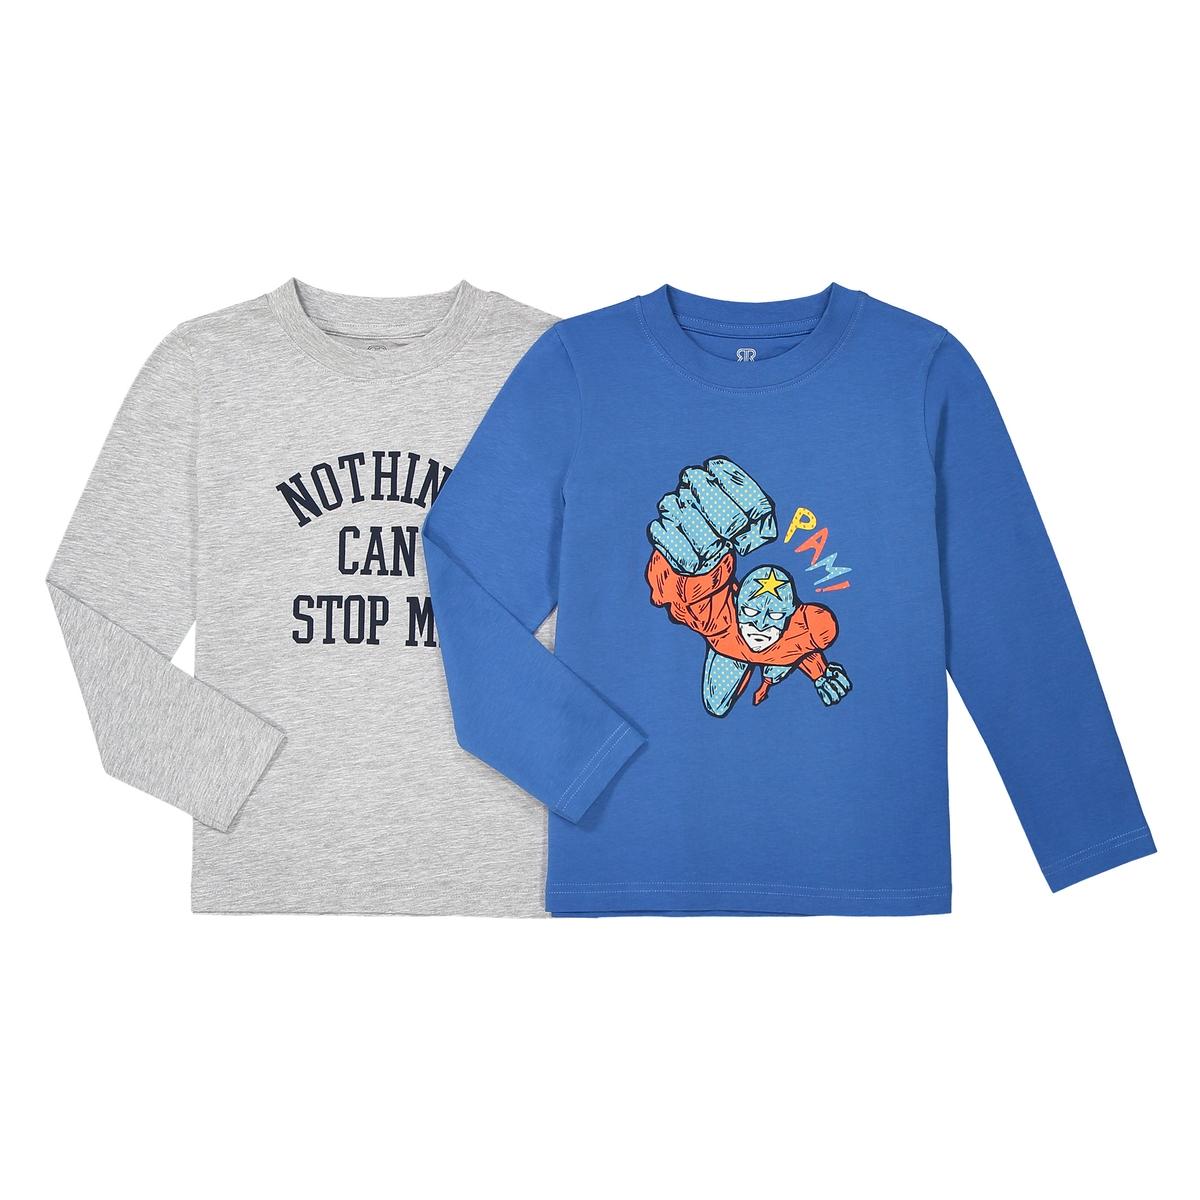 Комплект из 2 футболок с длинными рукавами 3-12 летОписание:Детали •  Длинные рукава •  Круглый вырез •  Рисунок спередиСостав и уход •  100% хлопок •  Температура стирки 30° •  Гладить при низкой температуре / не отбеливать • Барабанная сушка на слабом режиме       •  Сухая чистка запрещена<br><br>Цвет: серый + синий<br>Размер: 12 лет -150 см.10 лет - 138 см.8 лет - 126 см.6 лет - 114 см.4 года - 102 см.3 года - 94 см